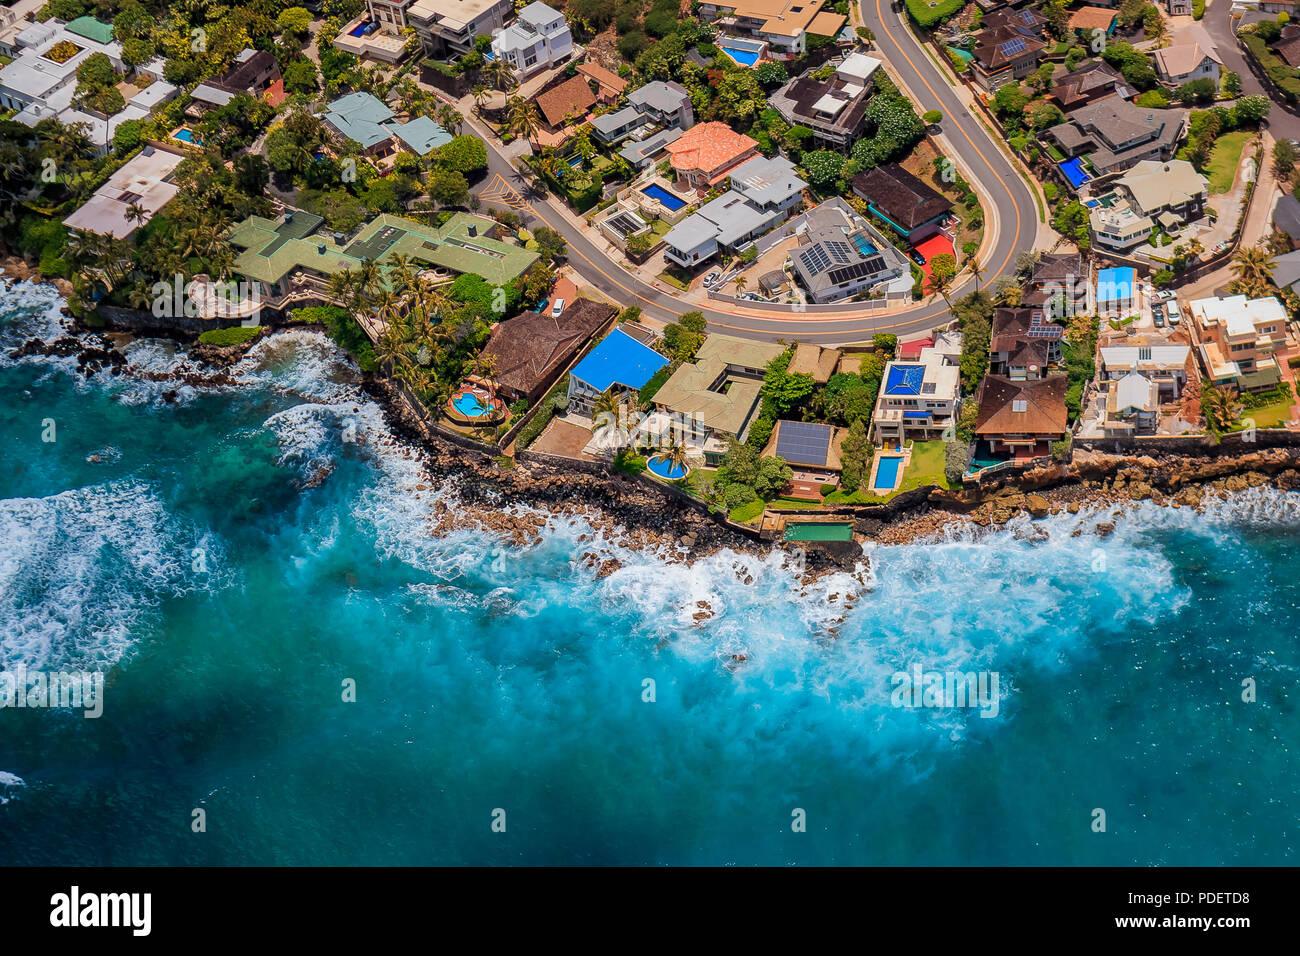 Vue aérienne de la côte d'Honolulu à Hawaii depuis un hélicoptère Photo Stock